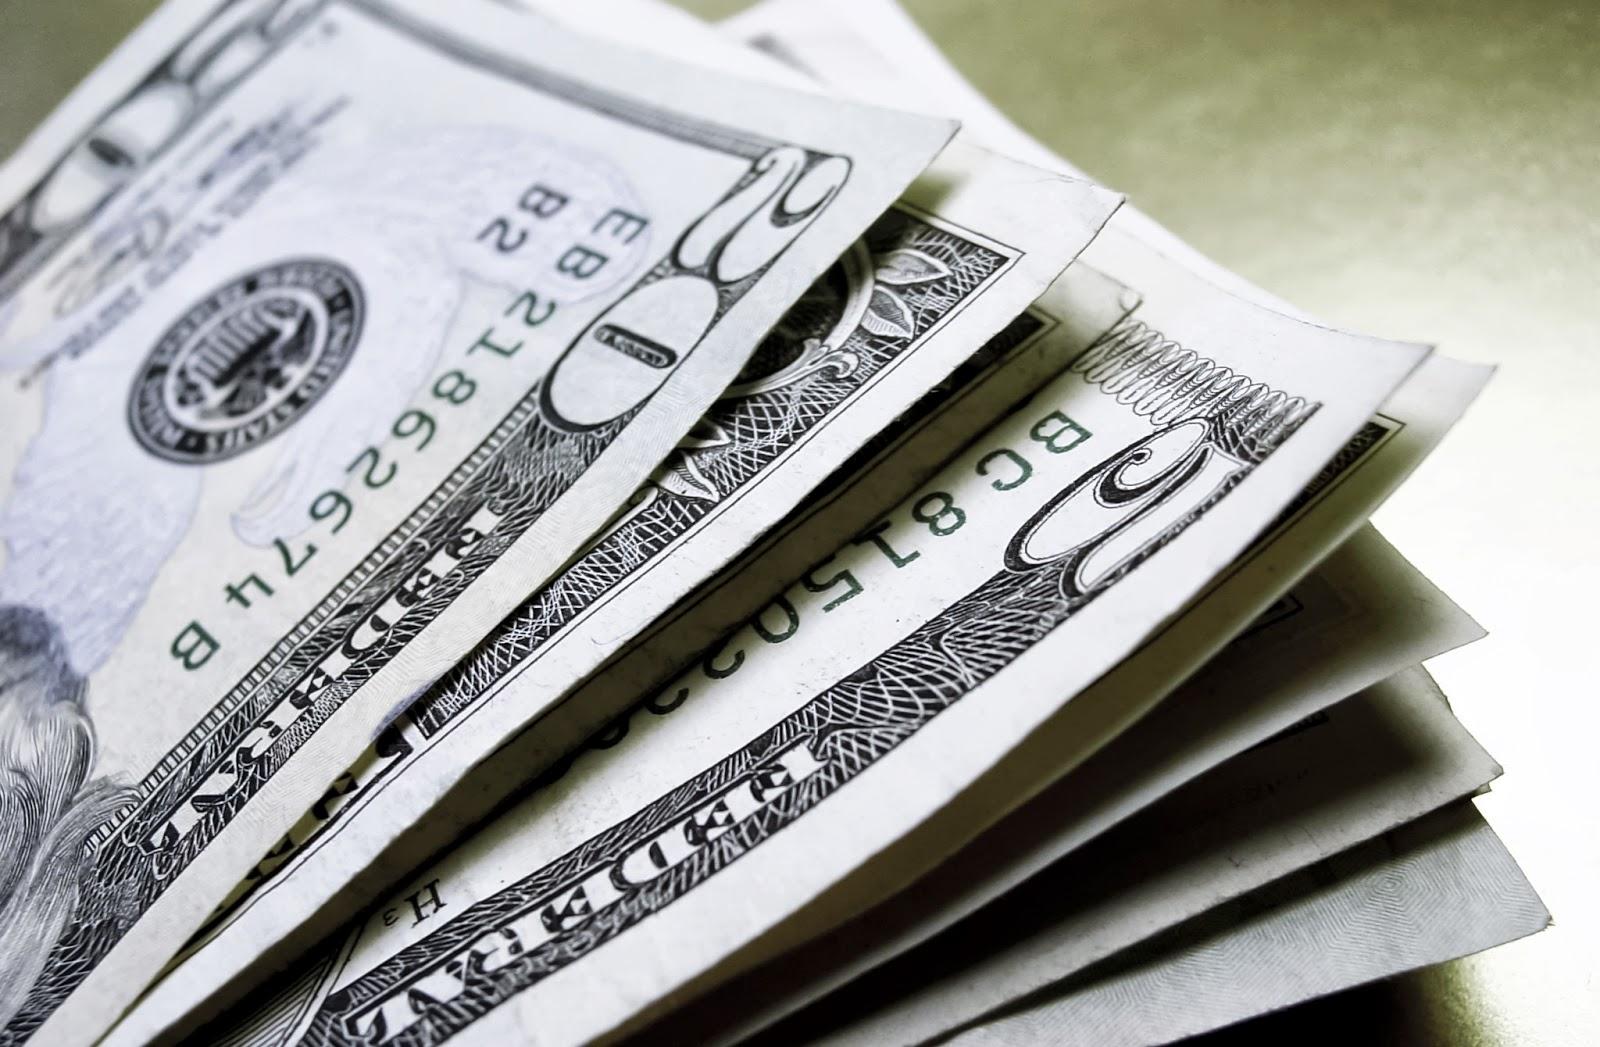 preço do dólar nas ruas de luanda dispara mais de 10% numa semana - dolar 1 8 - Preço do dólar nas ruas de Luanda dispara mais de 10% numa semana